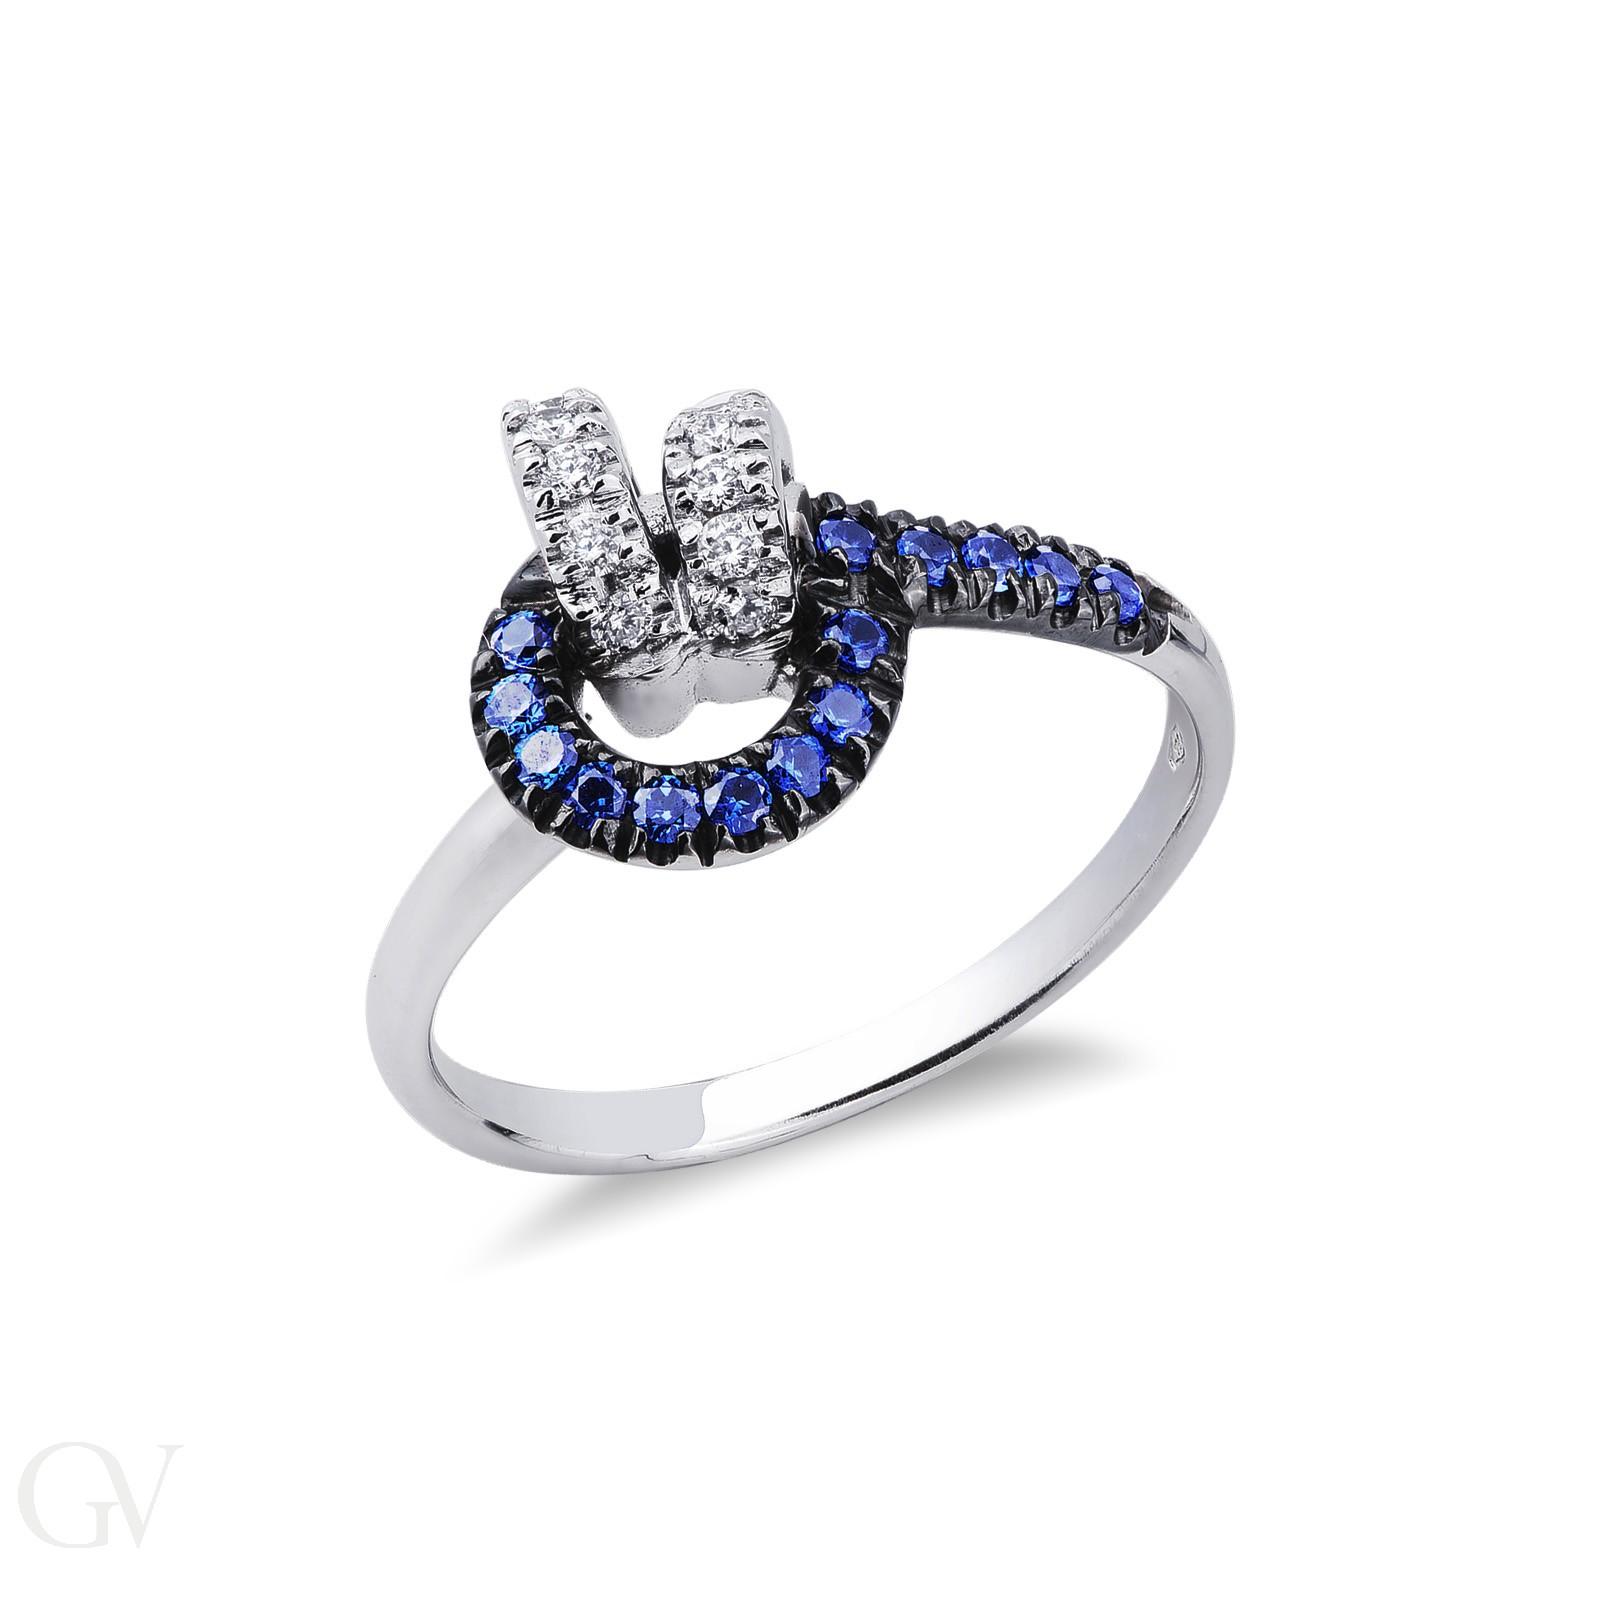 Anello in Oro bianco 18k con nodo in Diamanti a Zaffiri Blu